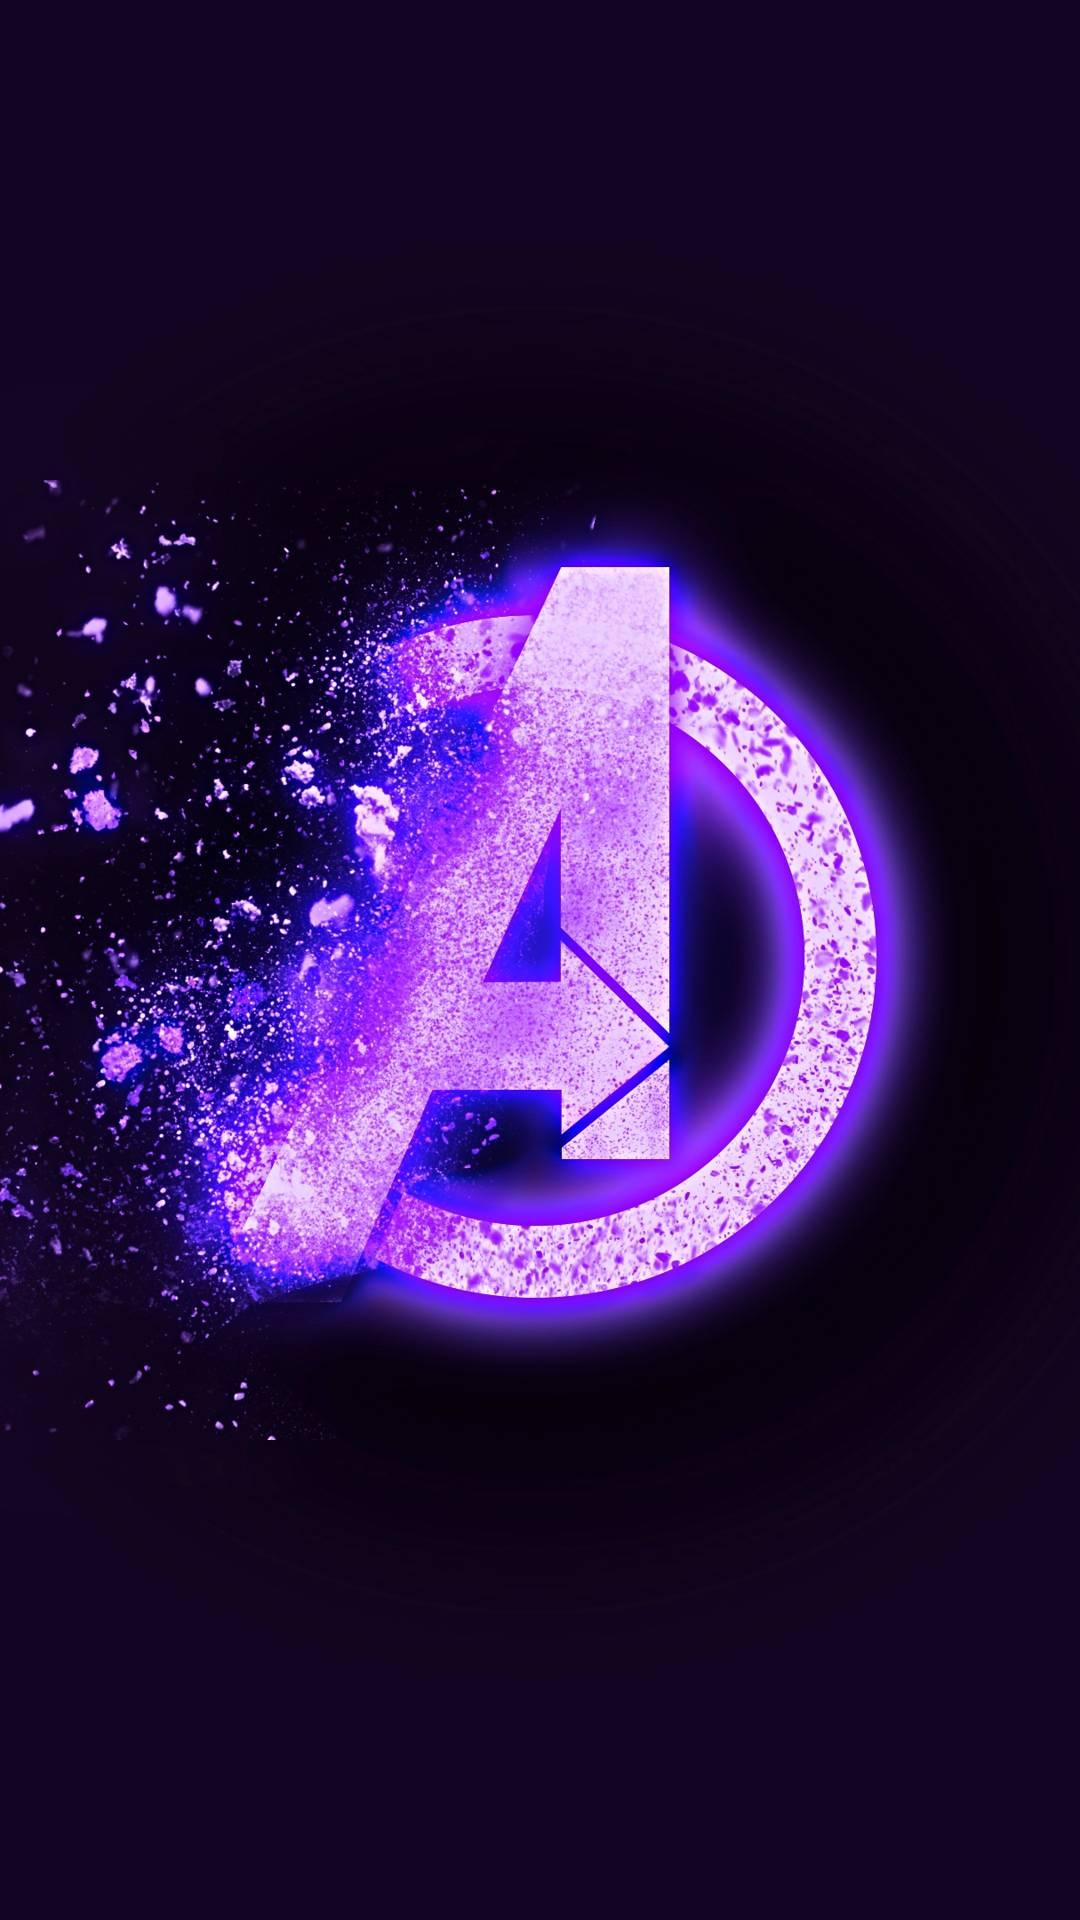 Avengers Endgame Dust Logo iPhone Wallpaper  iPhone